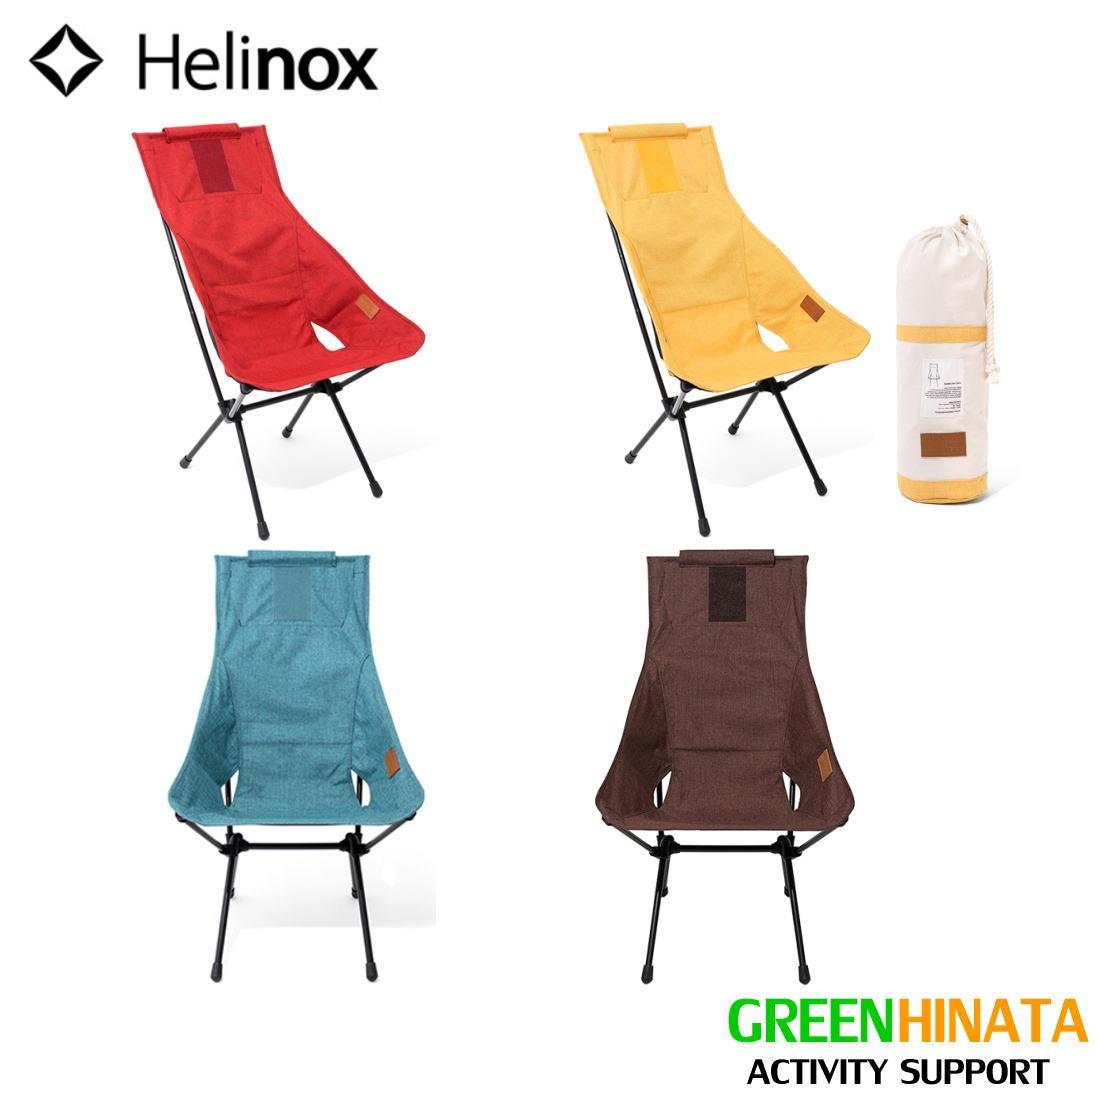 【国内正規品】 ヘリノックス サンセットチェア 折りたたみ椅子 HELINOX SUNSET CHAIR チェアー